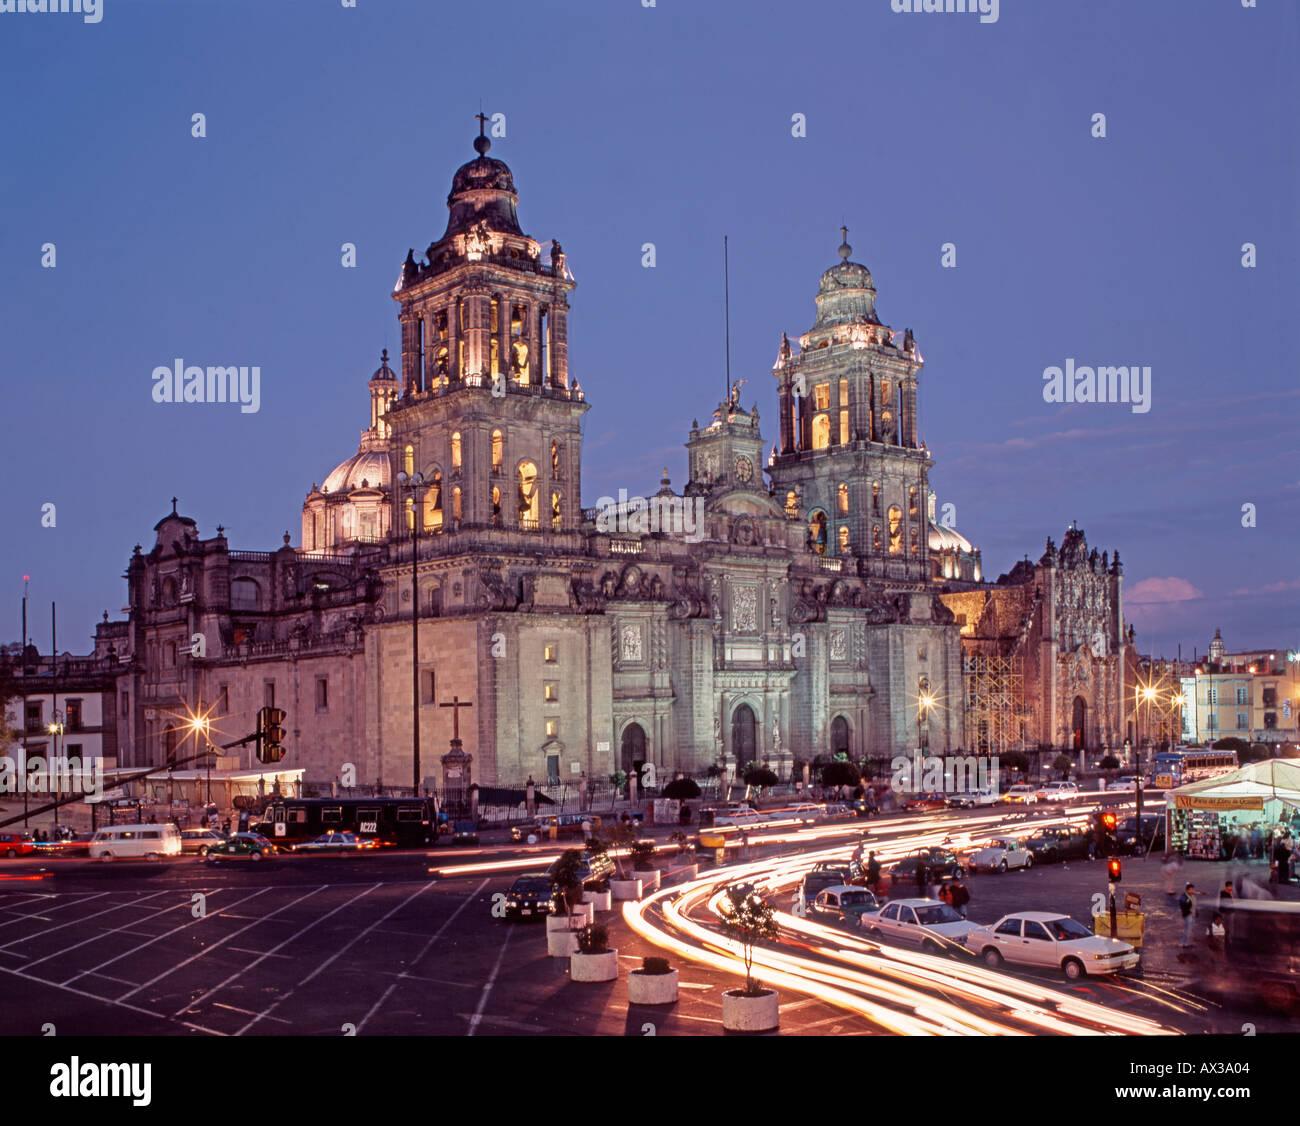 Ciudad De México La Plaza Zócalo Y La Catedral En La Ciudad